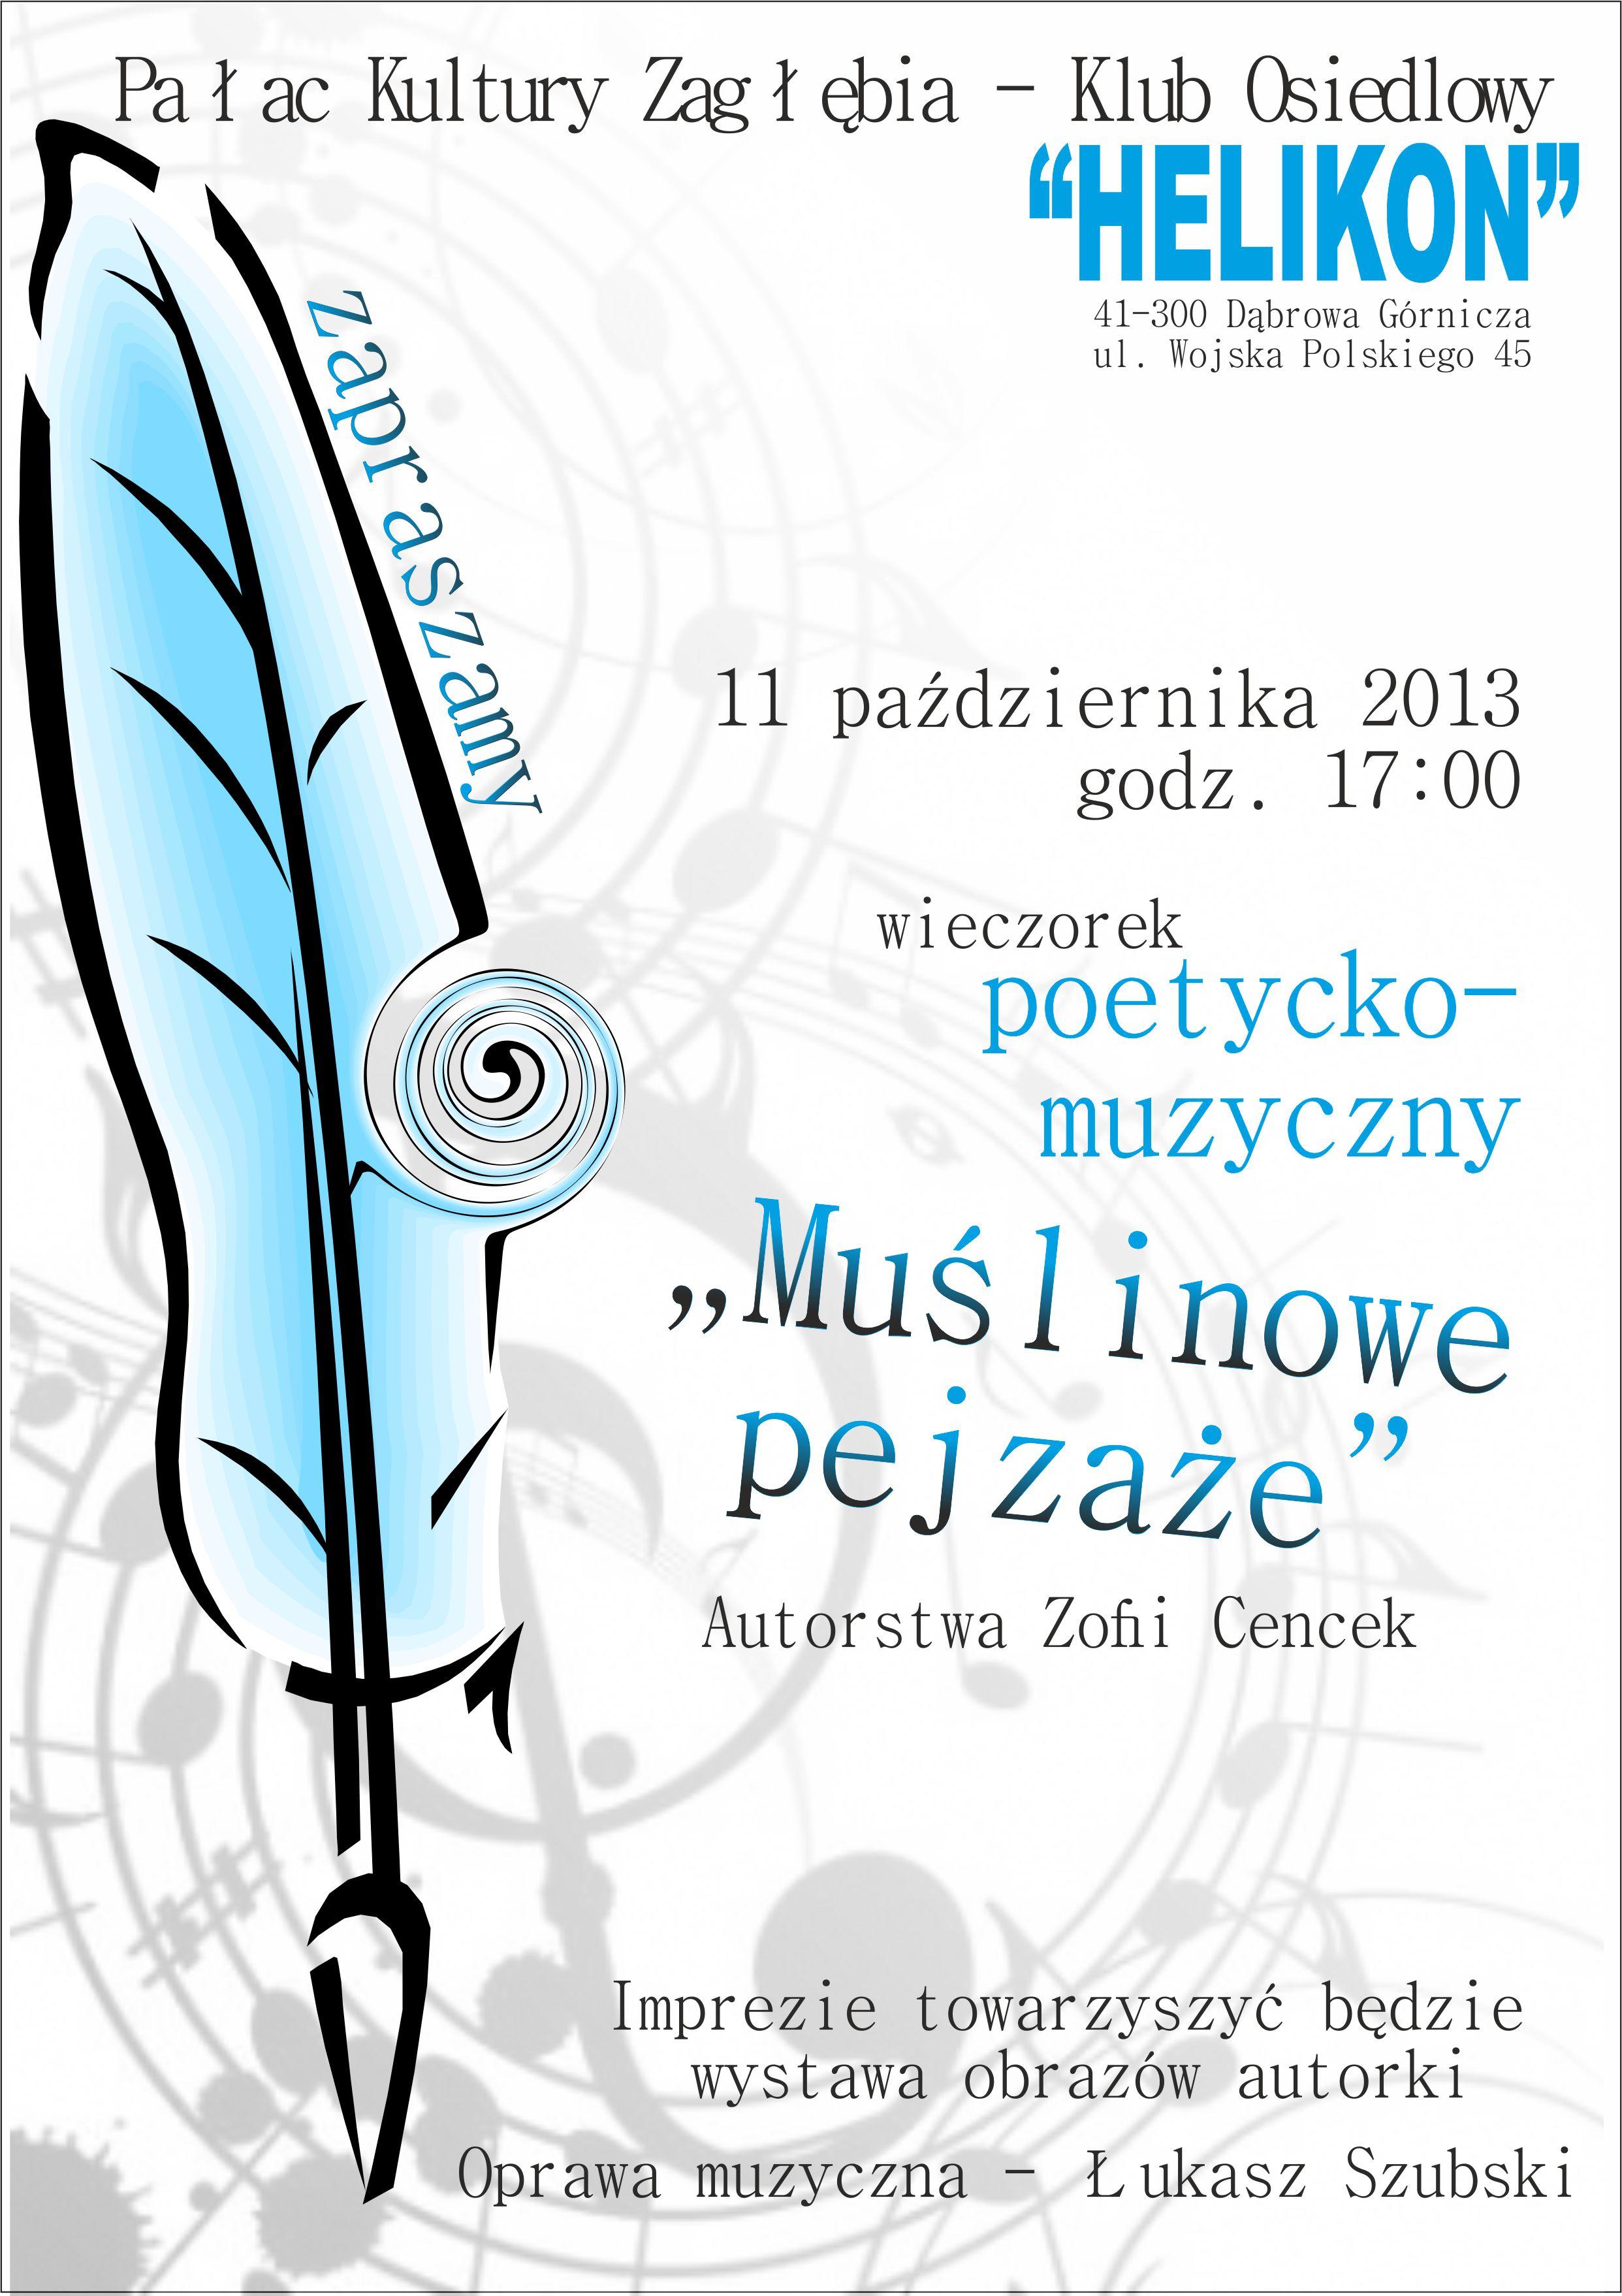 helikon_wieczorek_poetycko_muzyczny